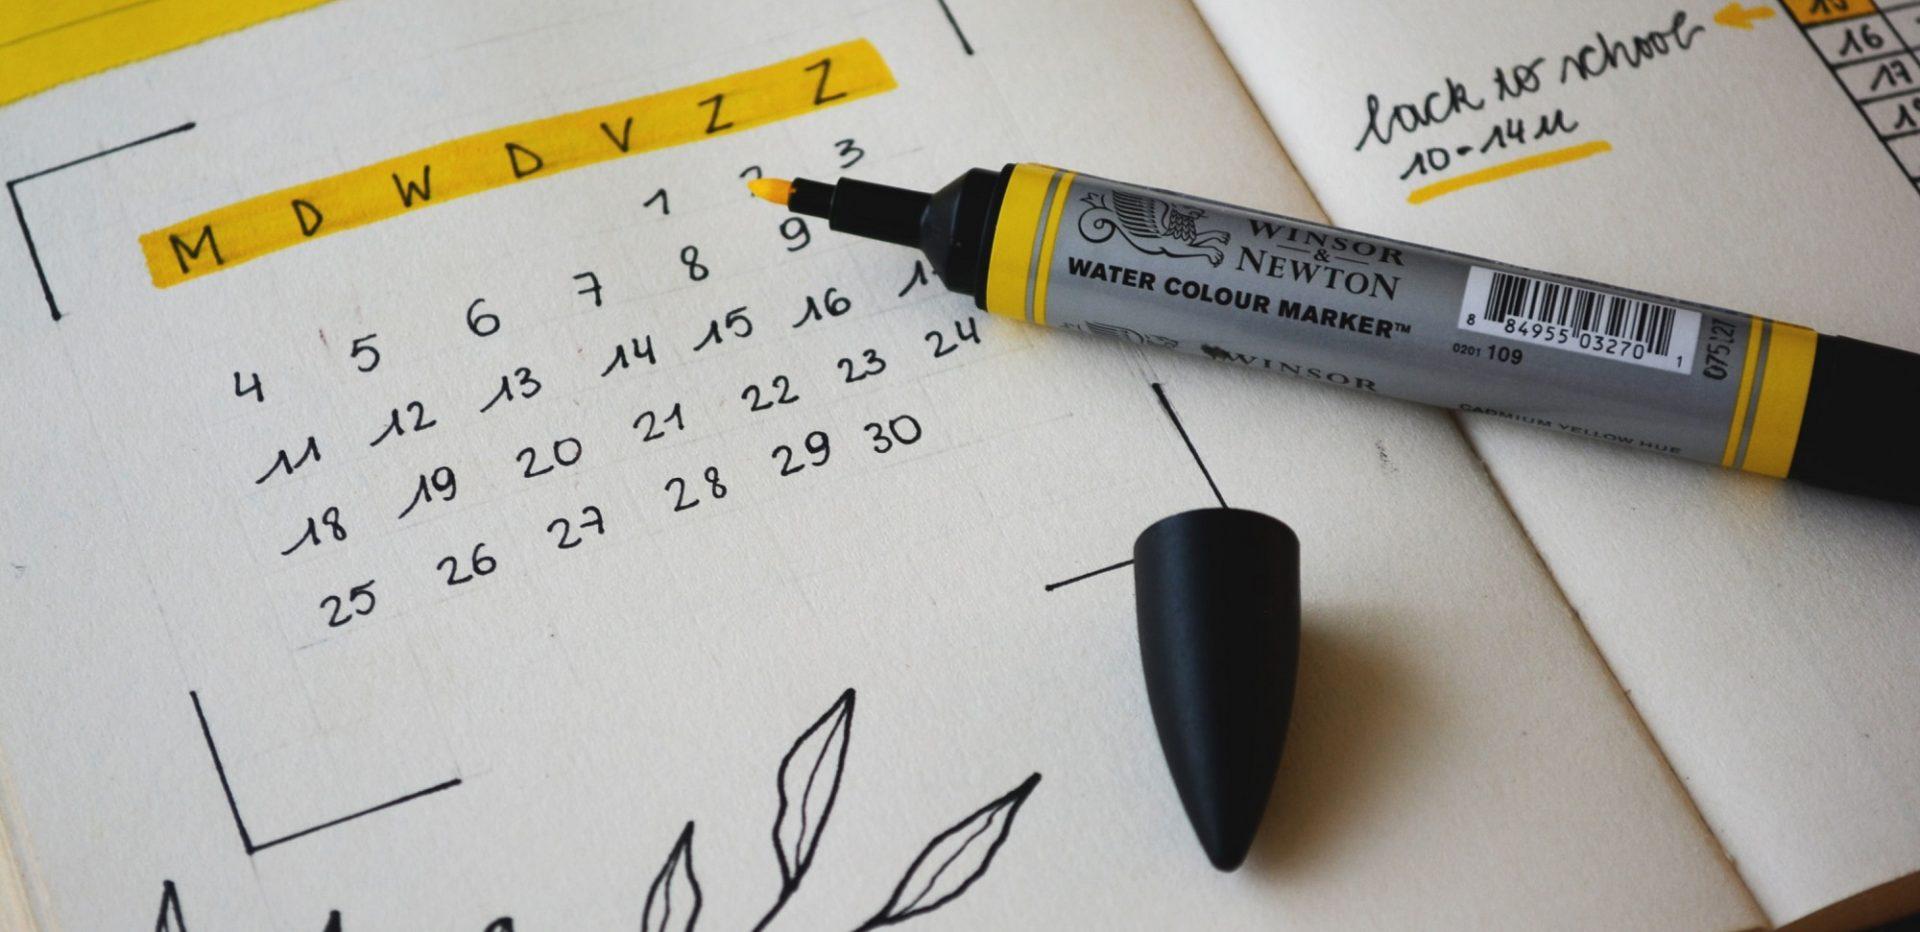 Tusch der ligger på en kalender